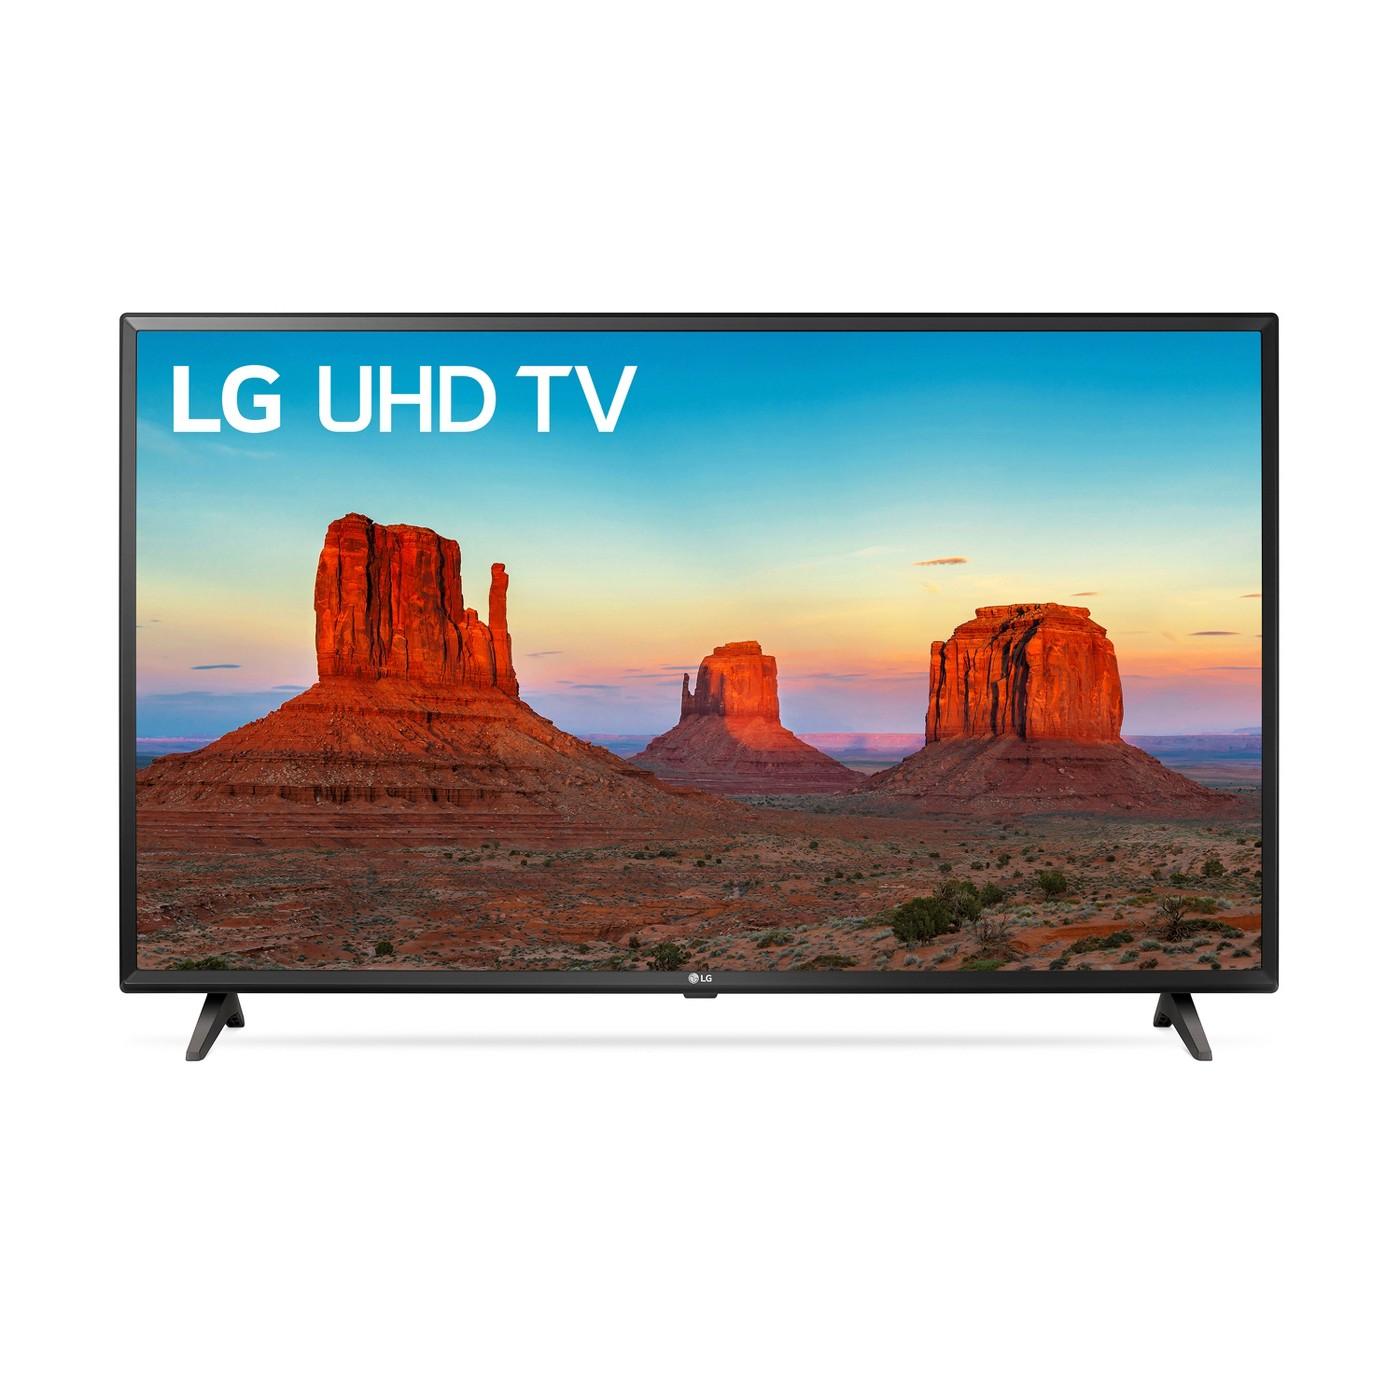 """LG 43"""" 4K UHD Smart TV - 43UK6090PUA - image 1 of 12"""